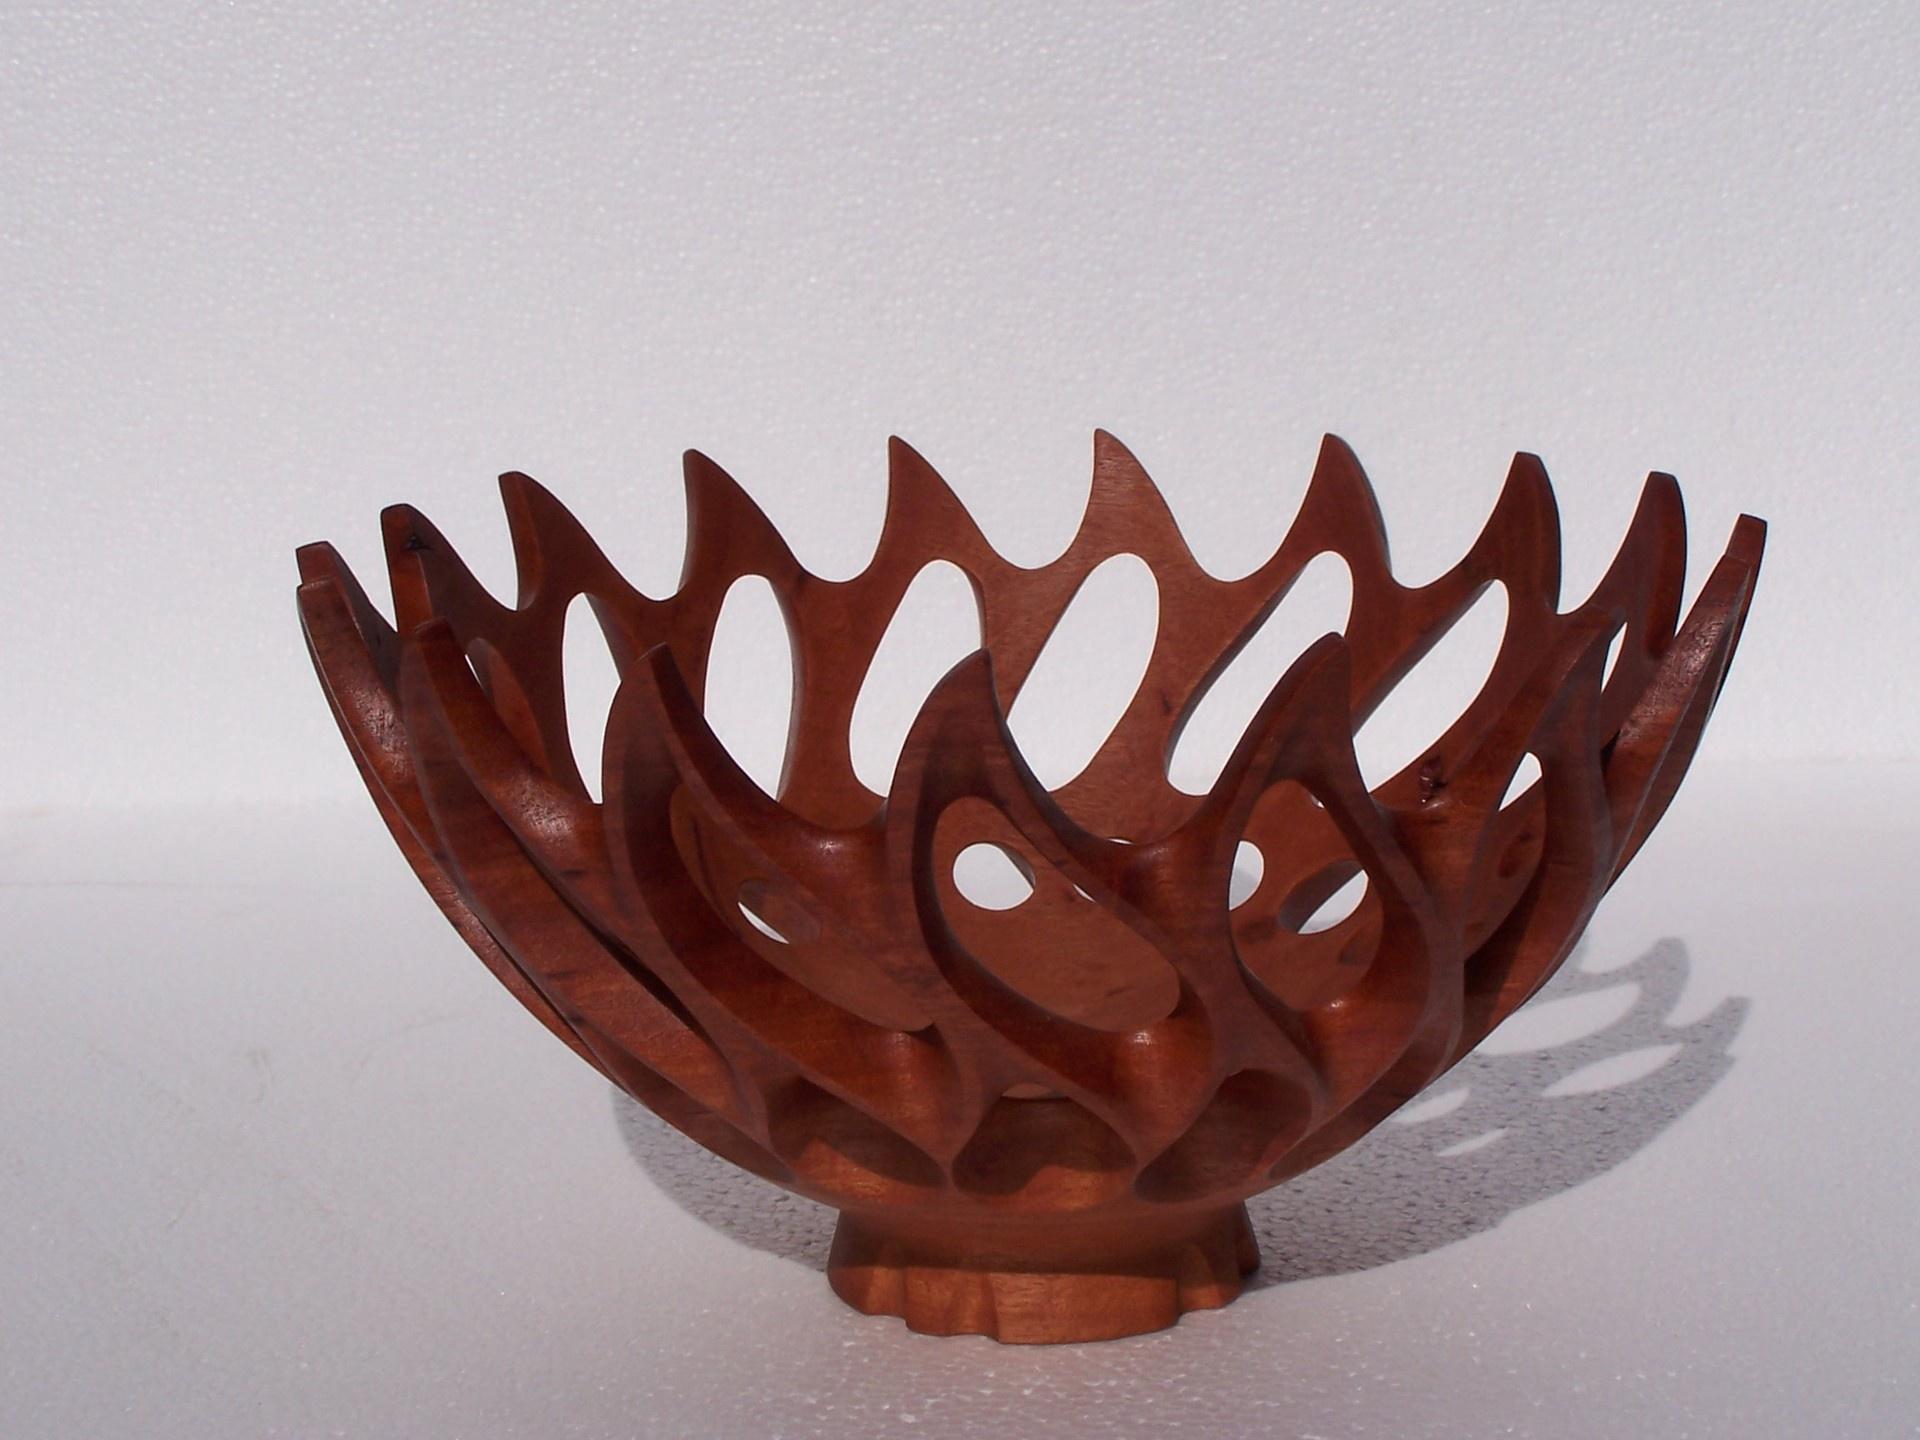 Carved Wooden Bowl - Spider's Nest